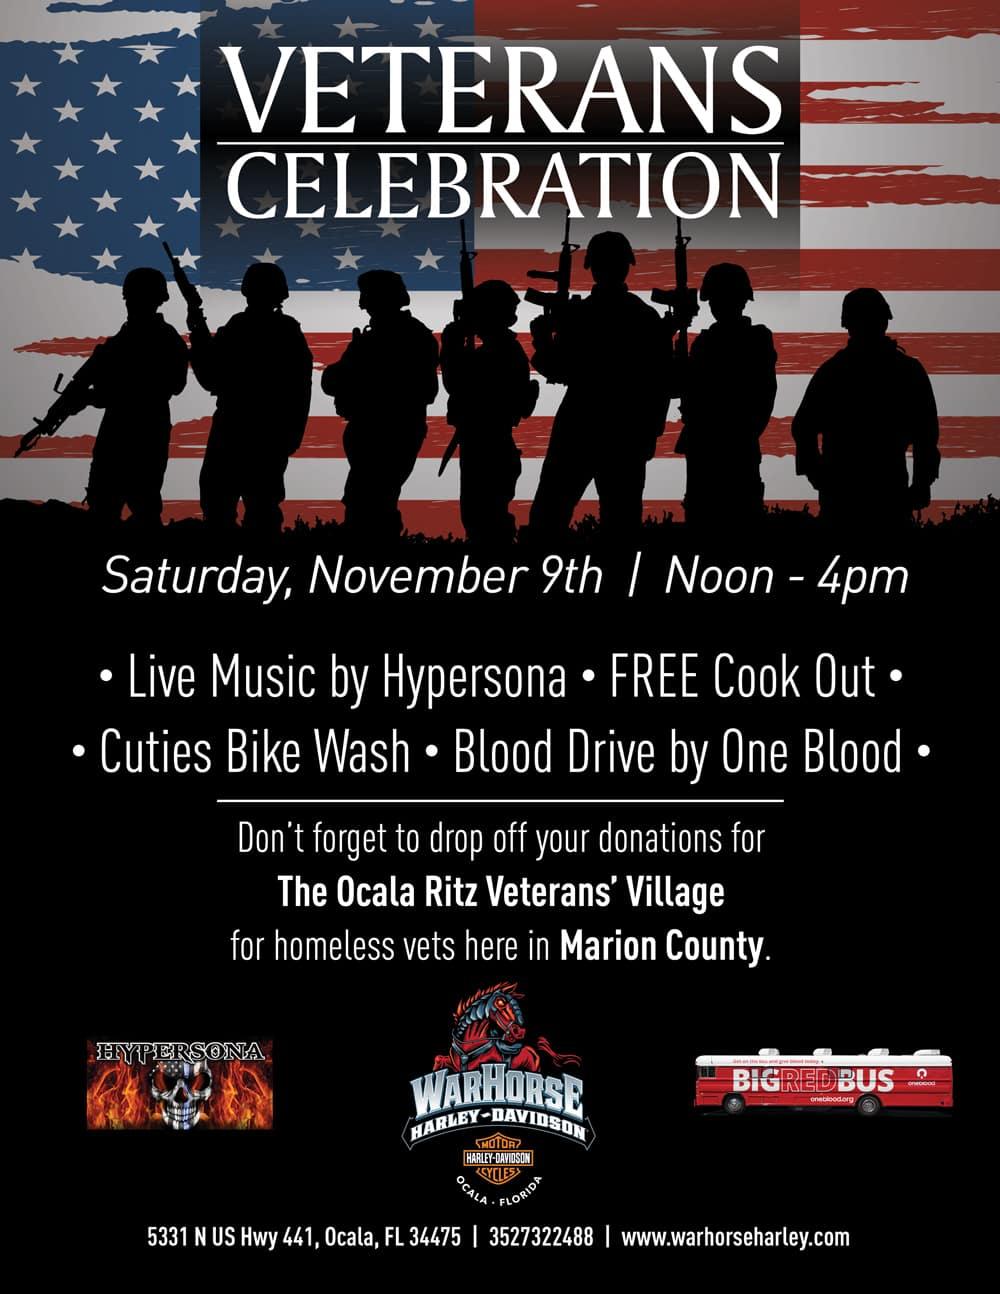 Veterans Celebration at War Horse Harley-Davidson